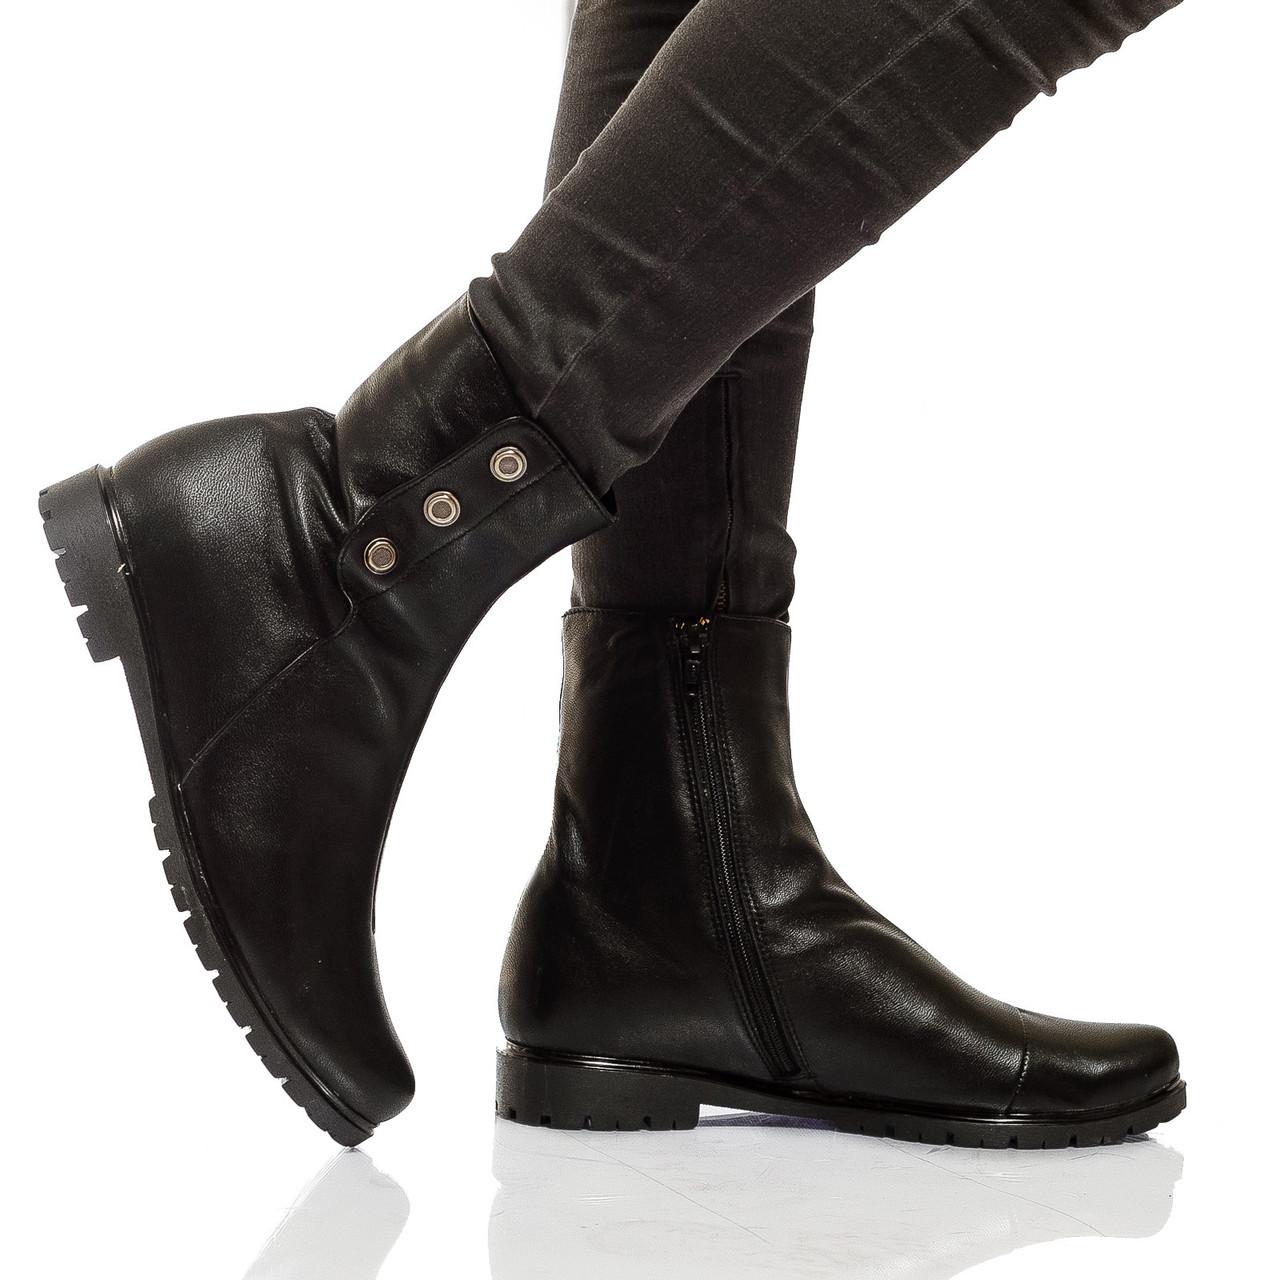 Ботинки на низком ходу, из натуральной кожи, замша на молнии. Размеры 36-41 модель S2116